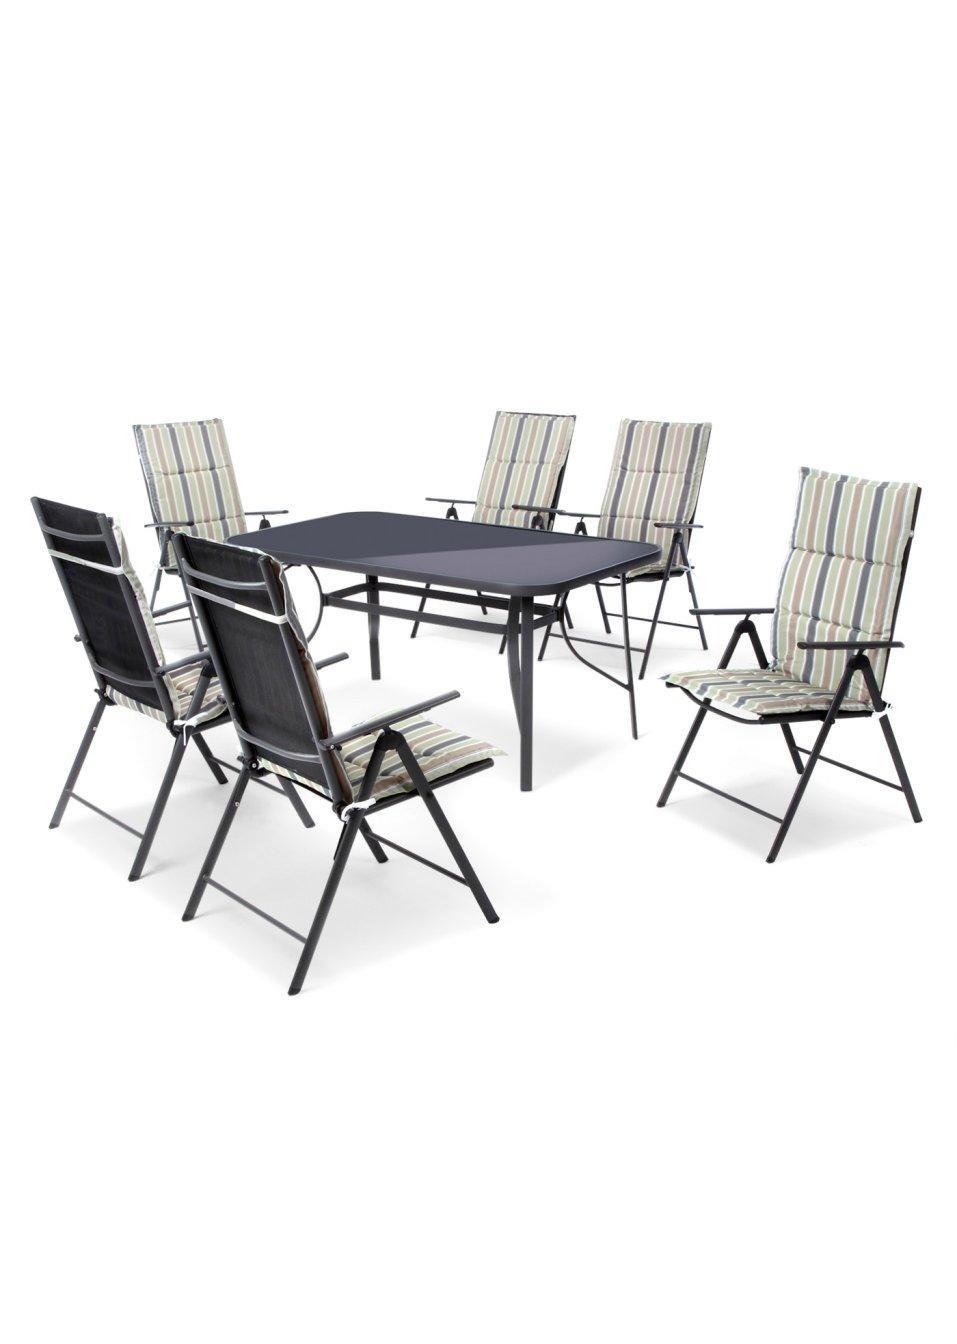 sch ne sitzgruppe mit tisch das 13 tlg gartenm bel set porto anthrazit. Black Bedroom Furniture Sets. Home Design Ideas